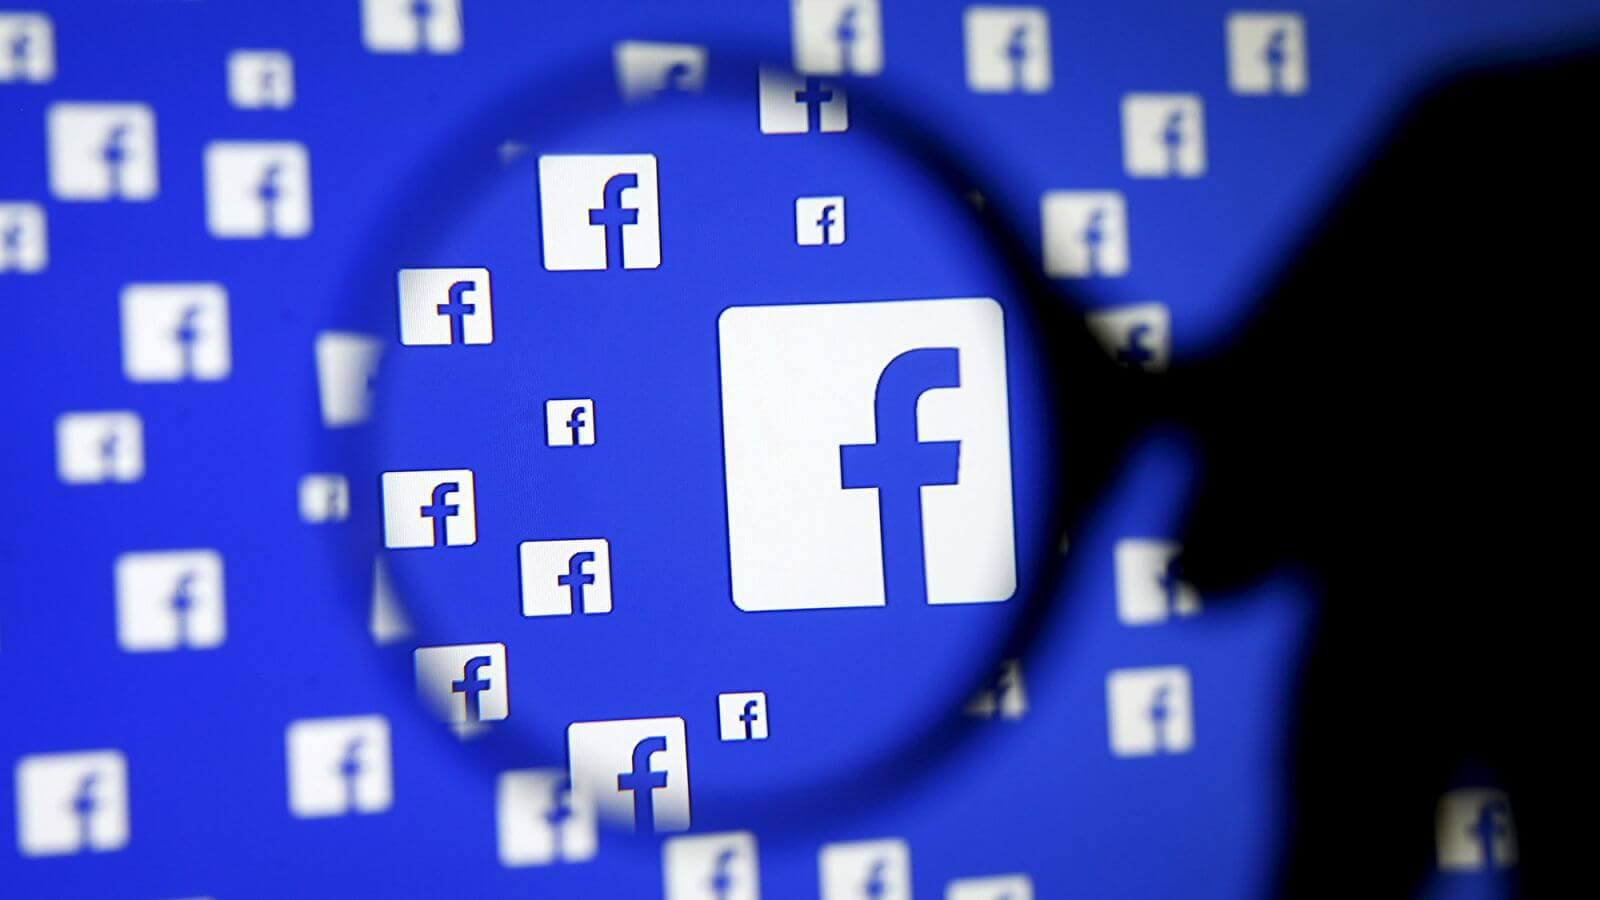 face - Descubra o que o Facebook sabe sobre você com o Data Selfie